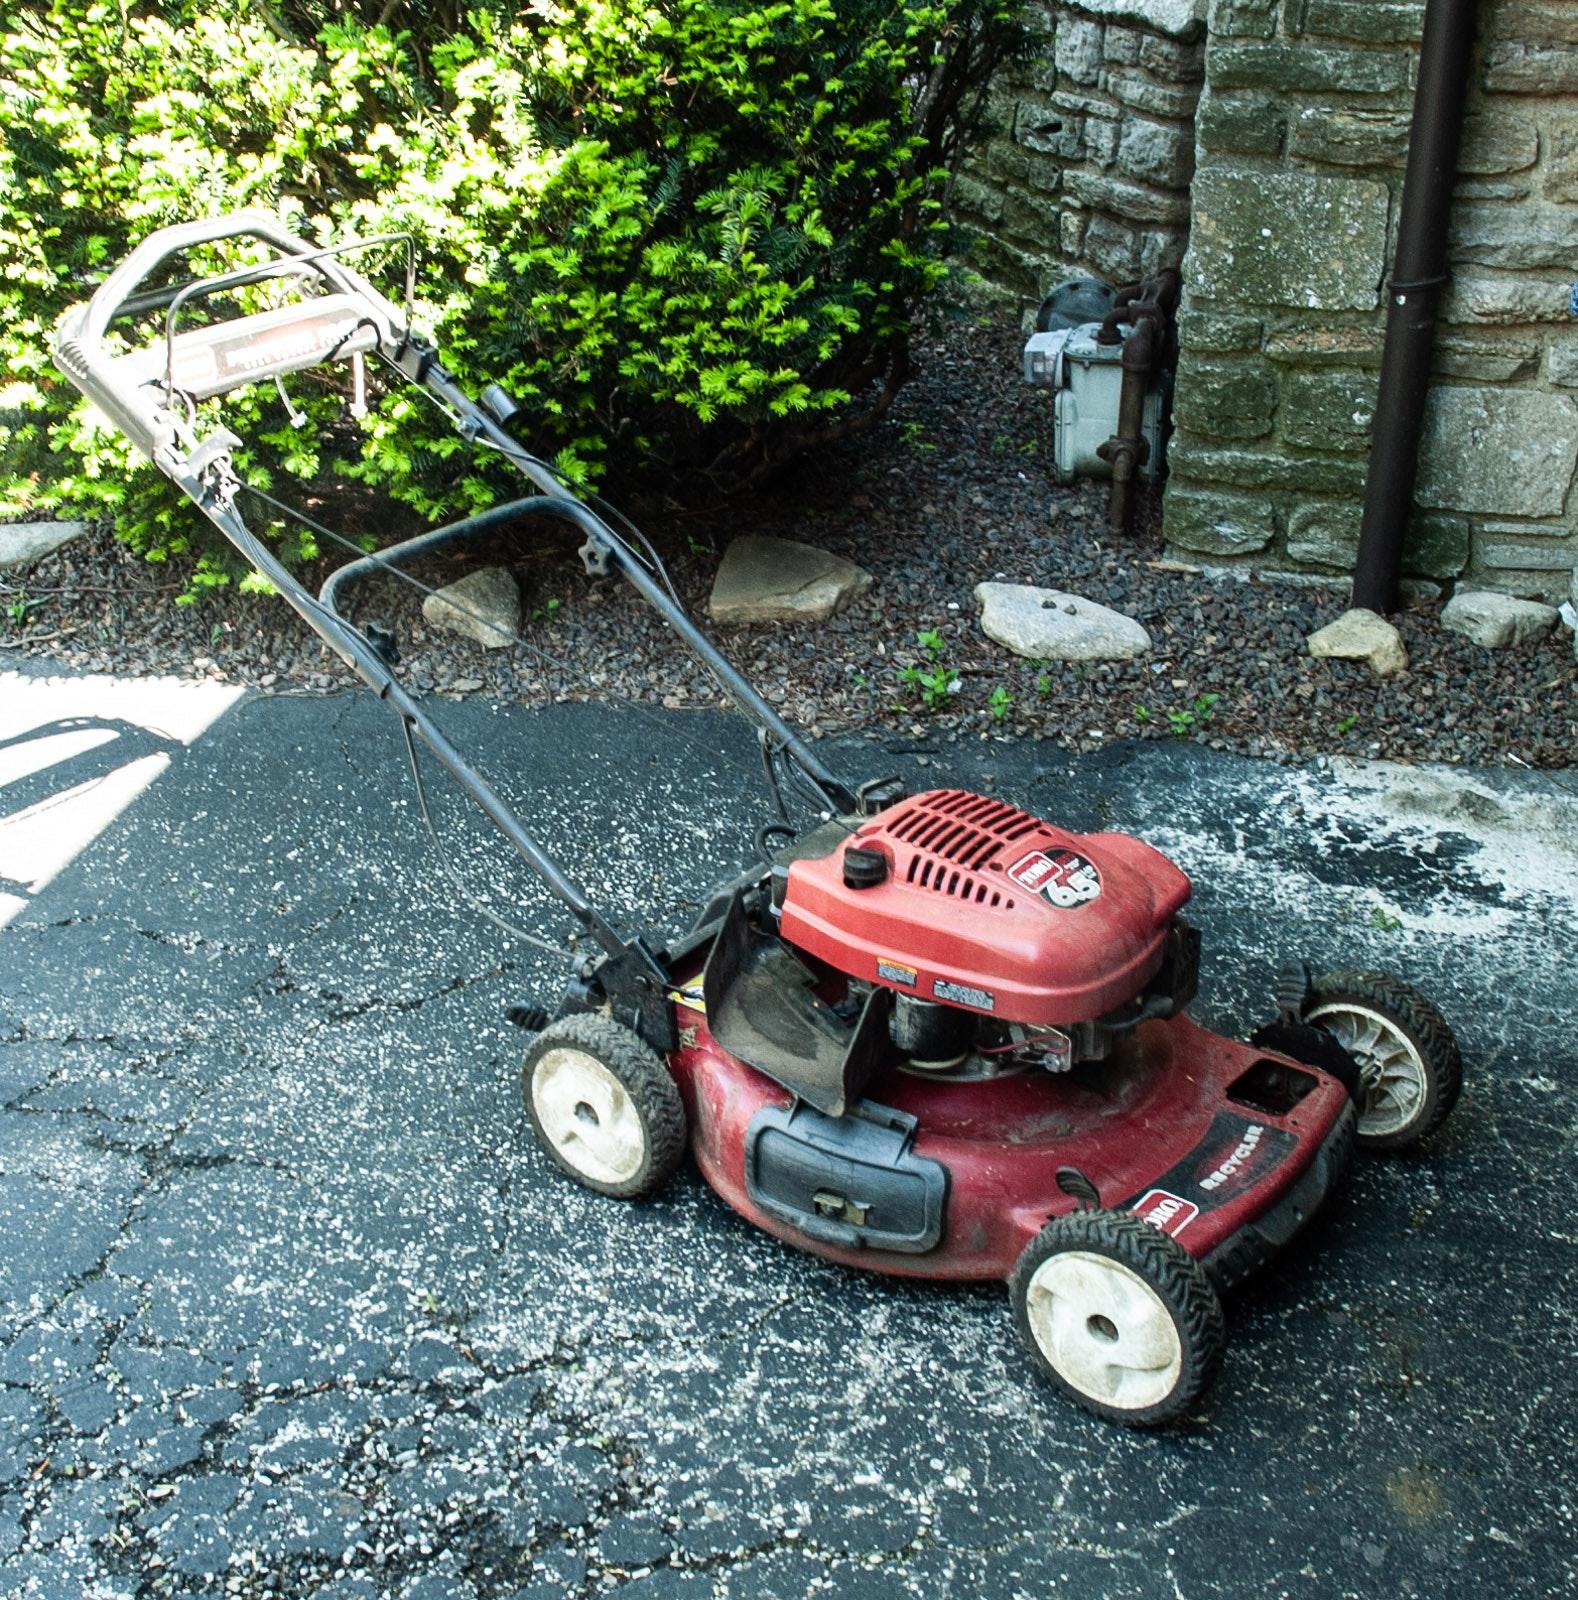 Toro GTS Lawnmower